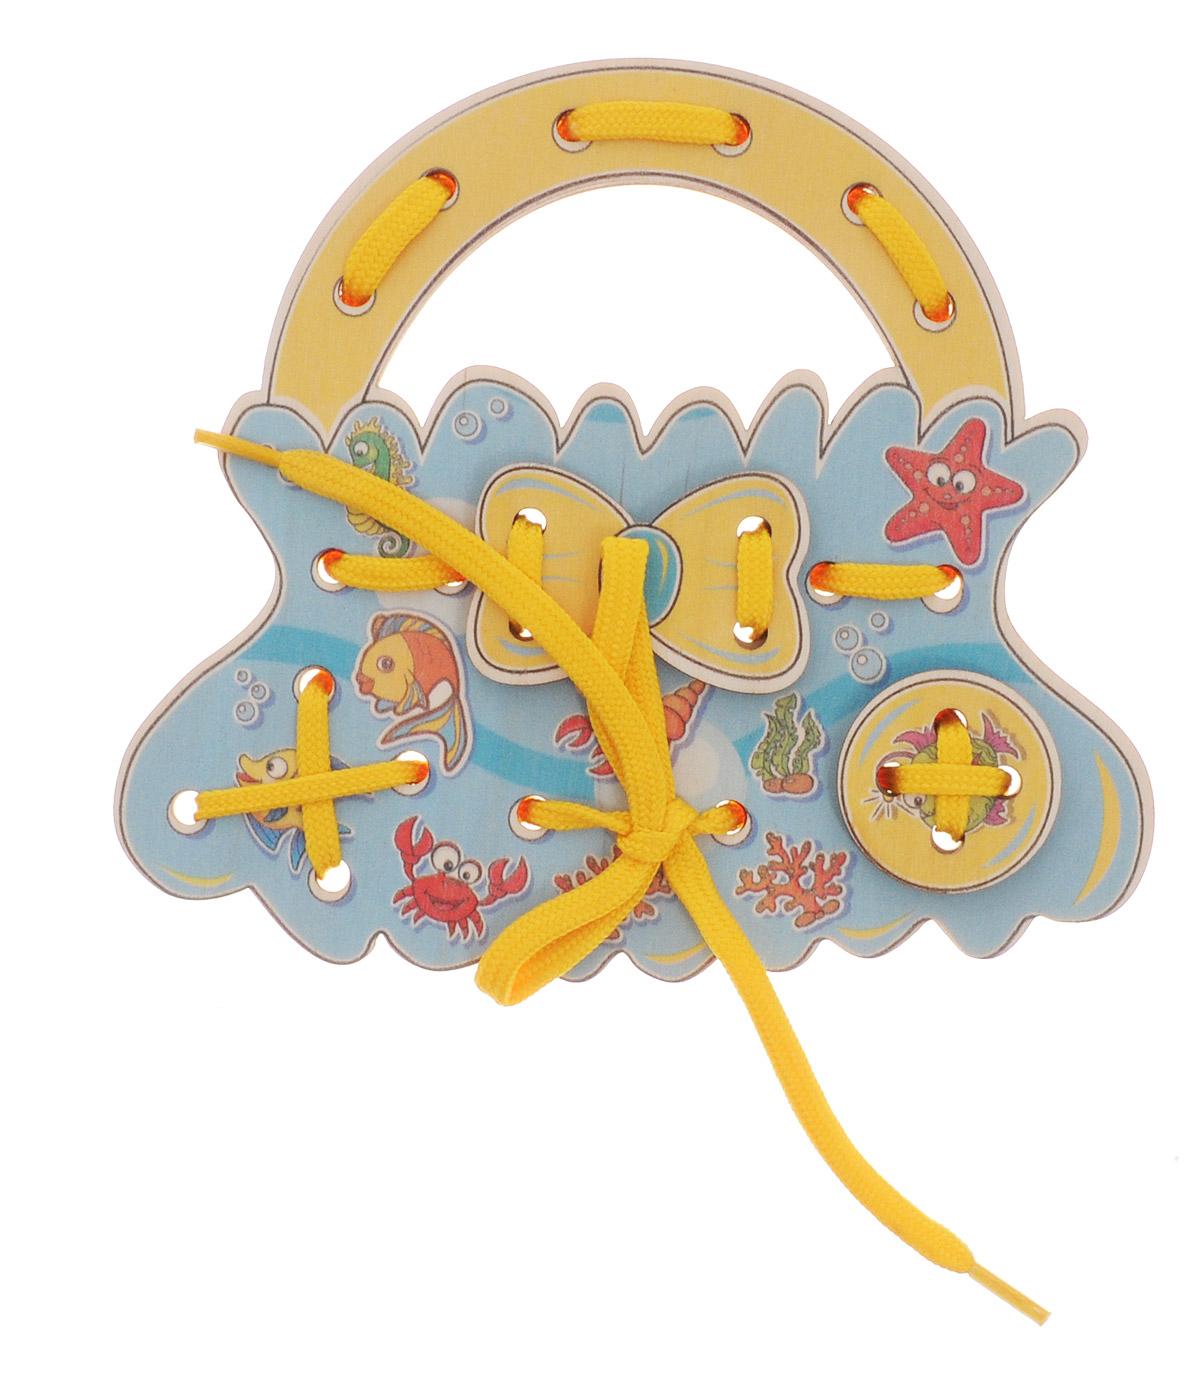 Развивающие деревянные игрушки Шнуровка-сумочка МорскаяД476аШнуровка Развивающие деревянные игрушки Морская выполнена в виде сумочки для маленьких модниц. Играя с этой шнуровкой, ребенок научится шнуровать и завязывать шнурочки на бантик. Игрушка поможет ребенку развить воображение, научиться компоновать и привязывать различные элементы друг к другу, создавая свой модный детский аксессуар. Шнуровка - незаменимая игрушка для развития мелкой моторики. А шнуровка в виде веселой игры станет для ребенка самым любимым развлечением.